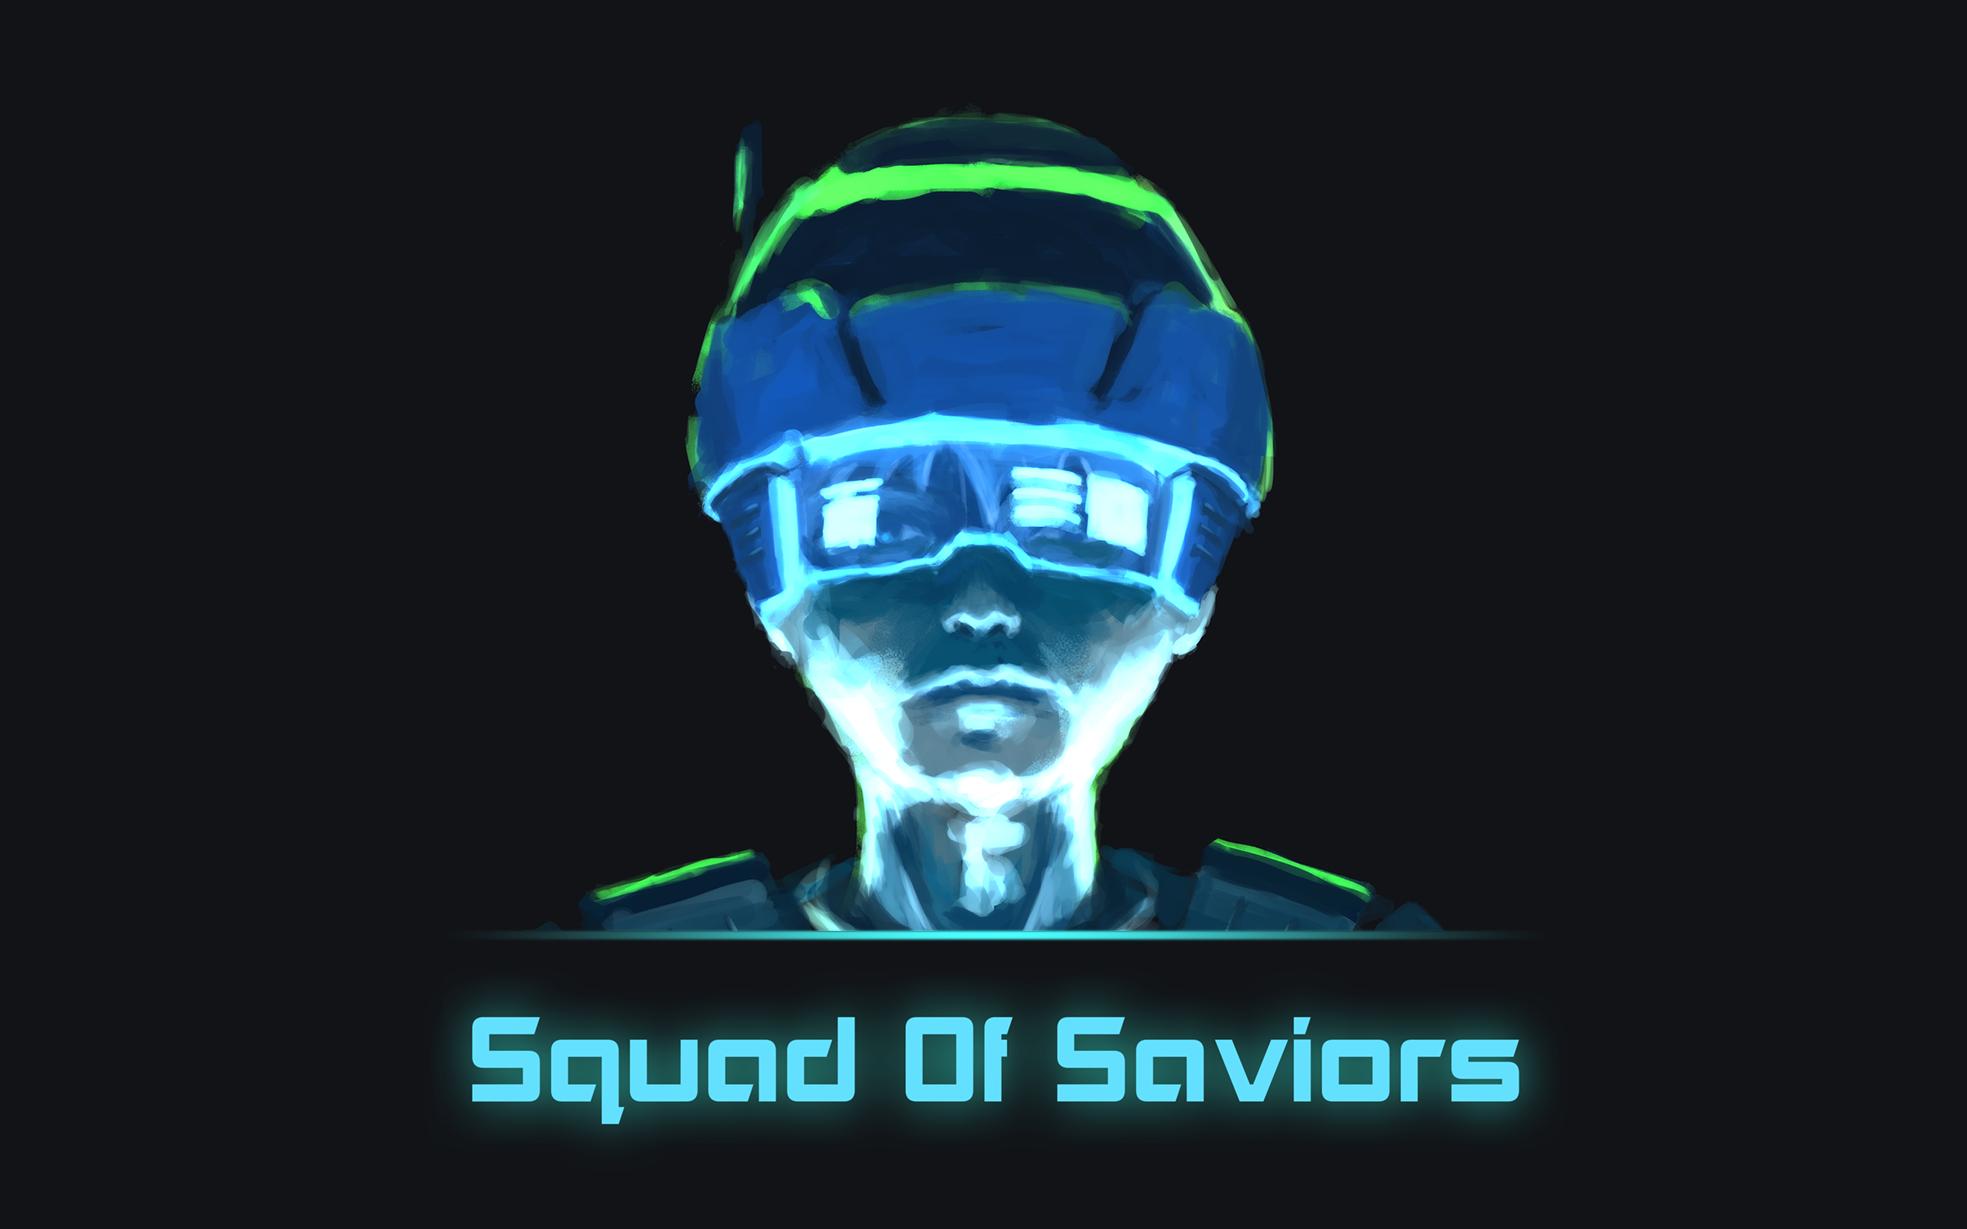 《拯救世界特别小队》:作者自己说很好玩,我也觉得还行